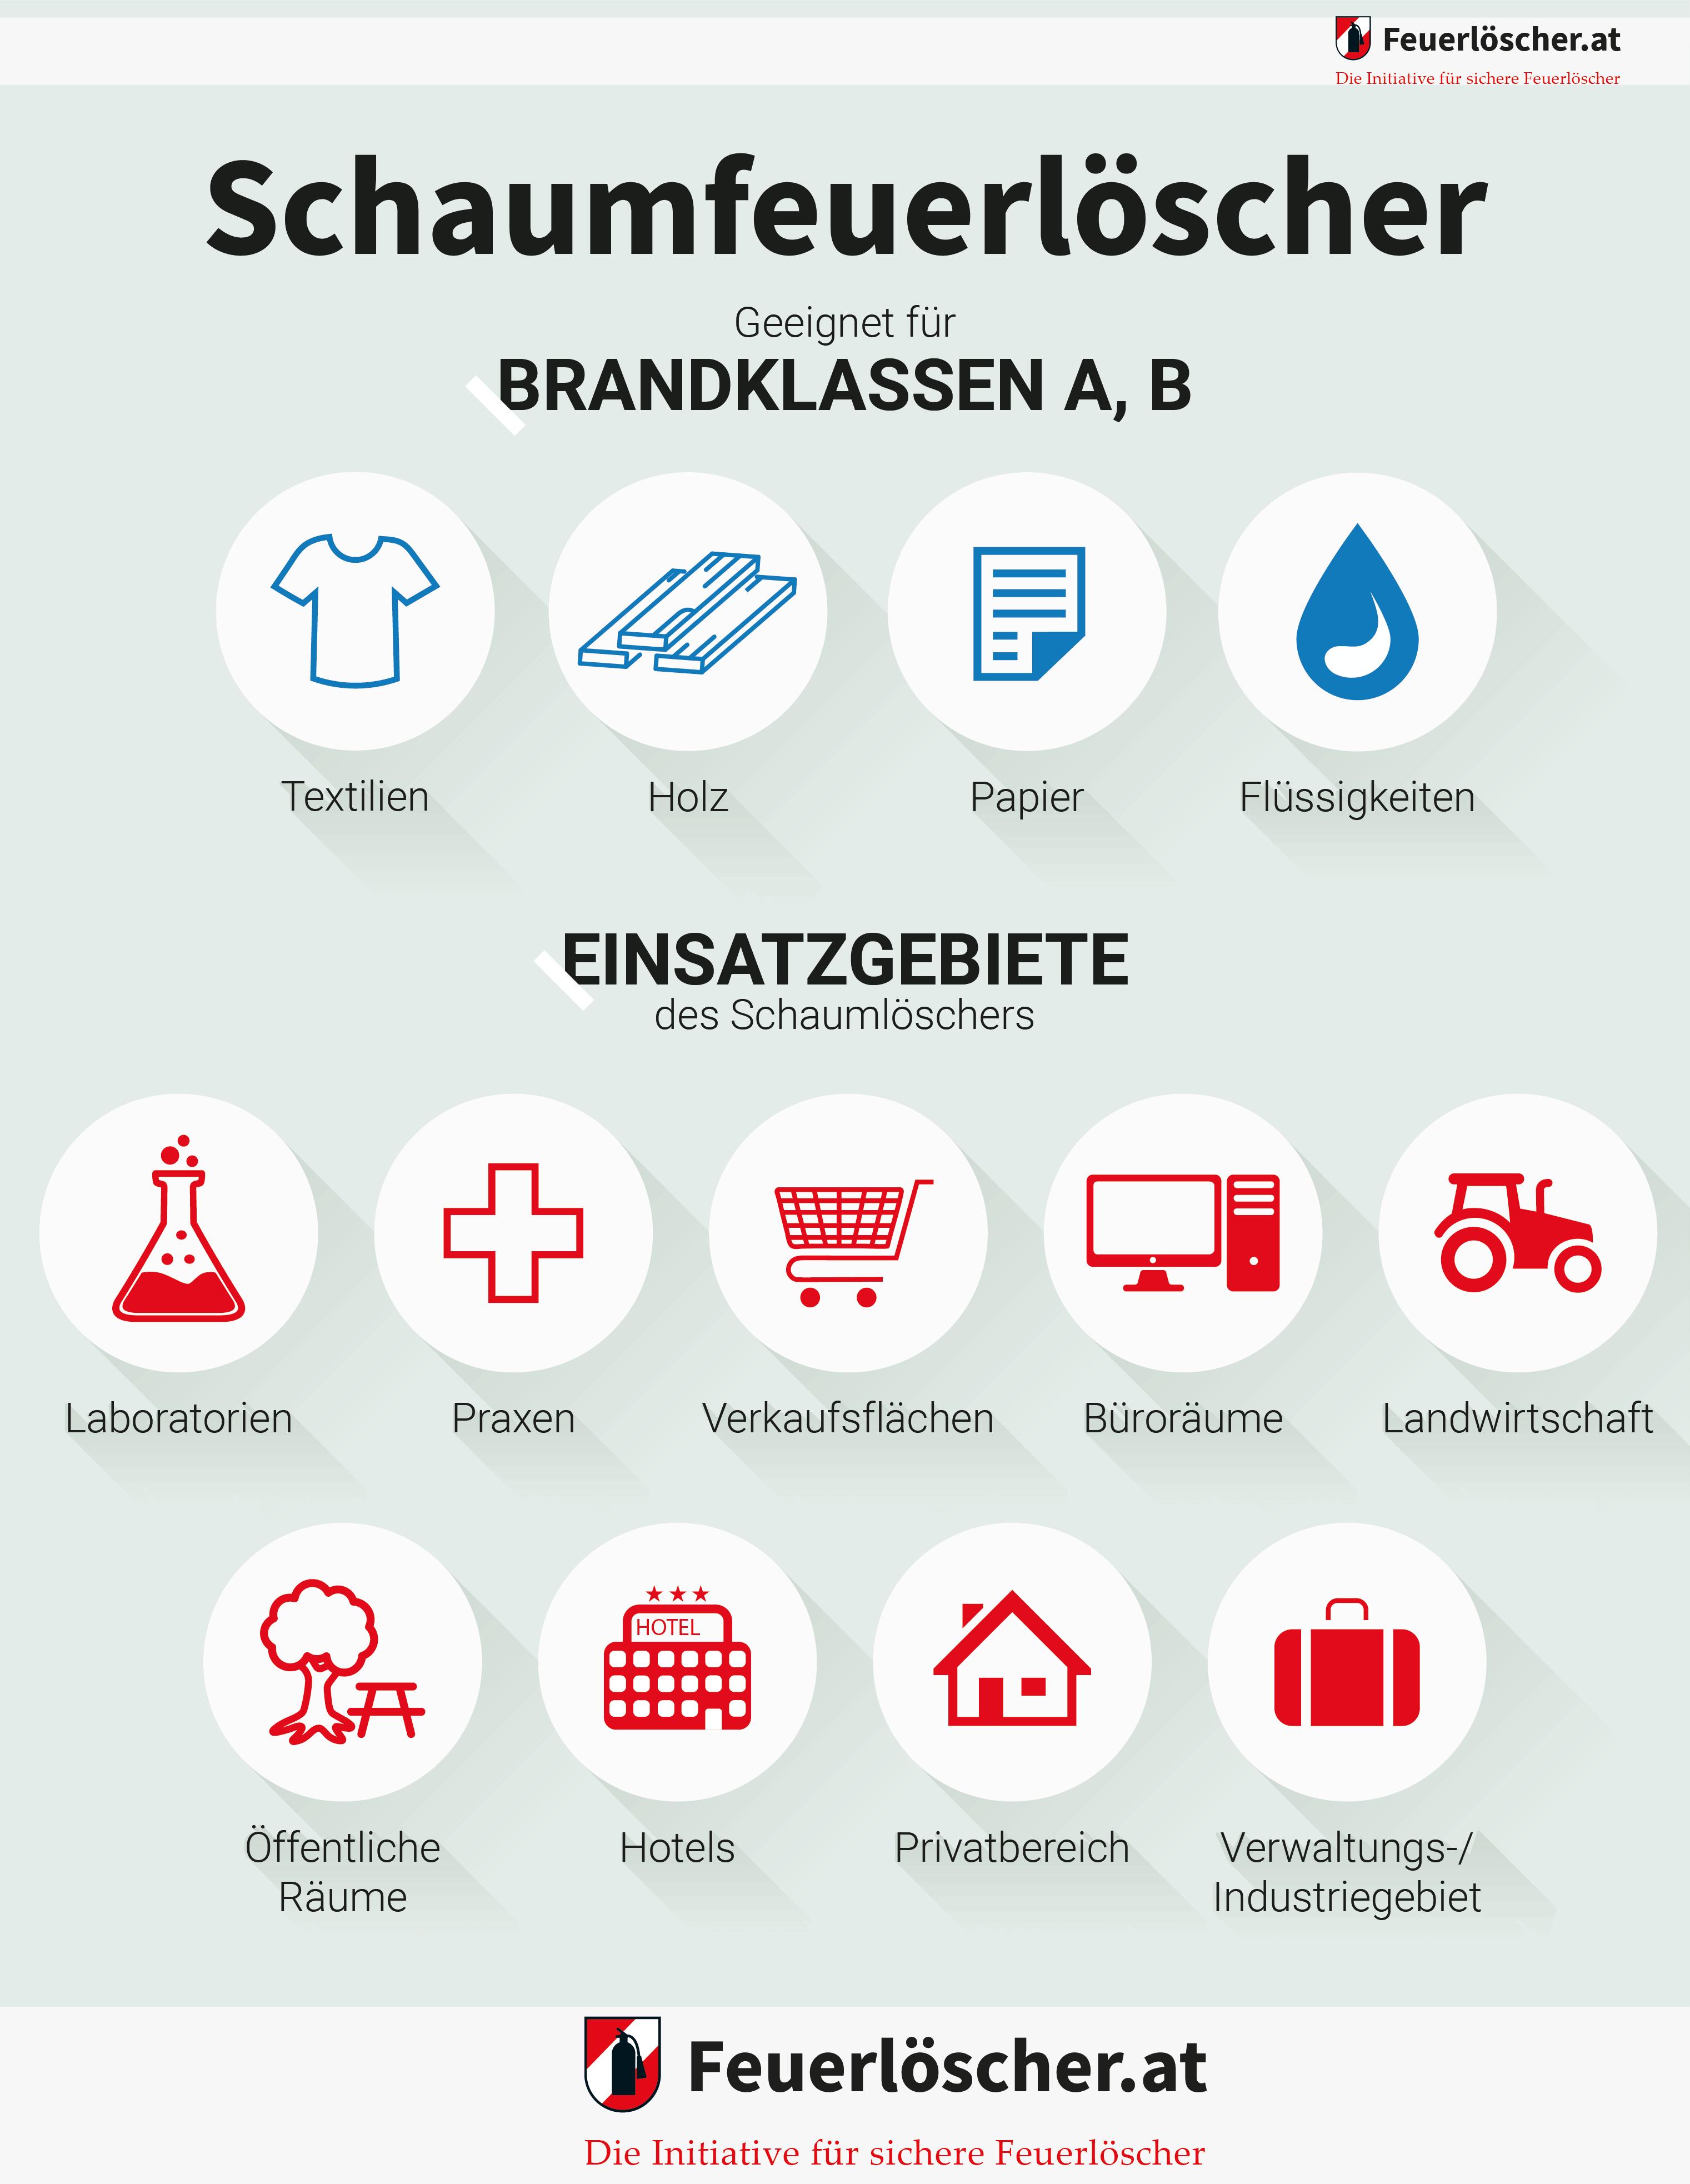 Infografik: Anwendungsbeispiele für Schaumfeuerlöscher